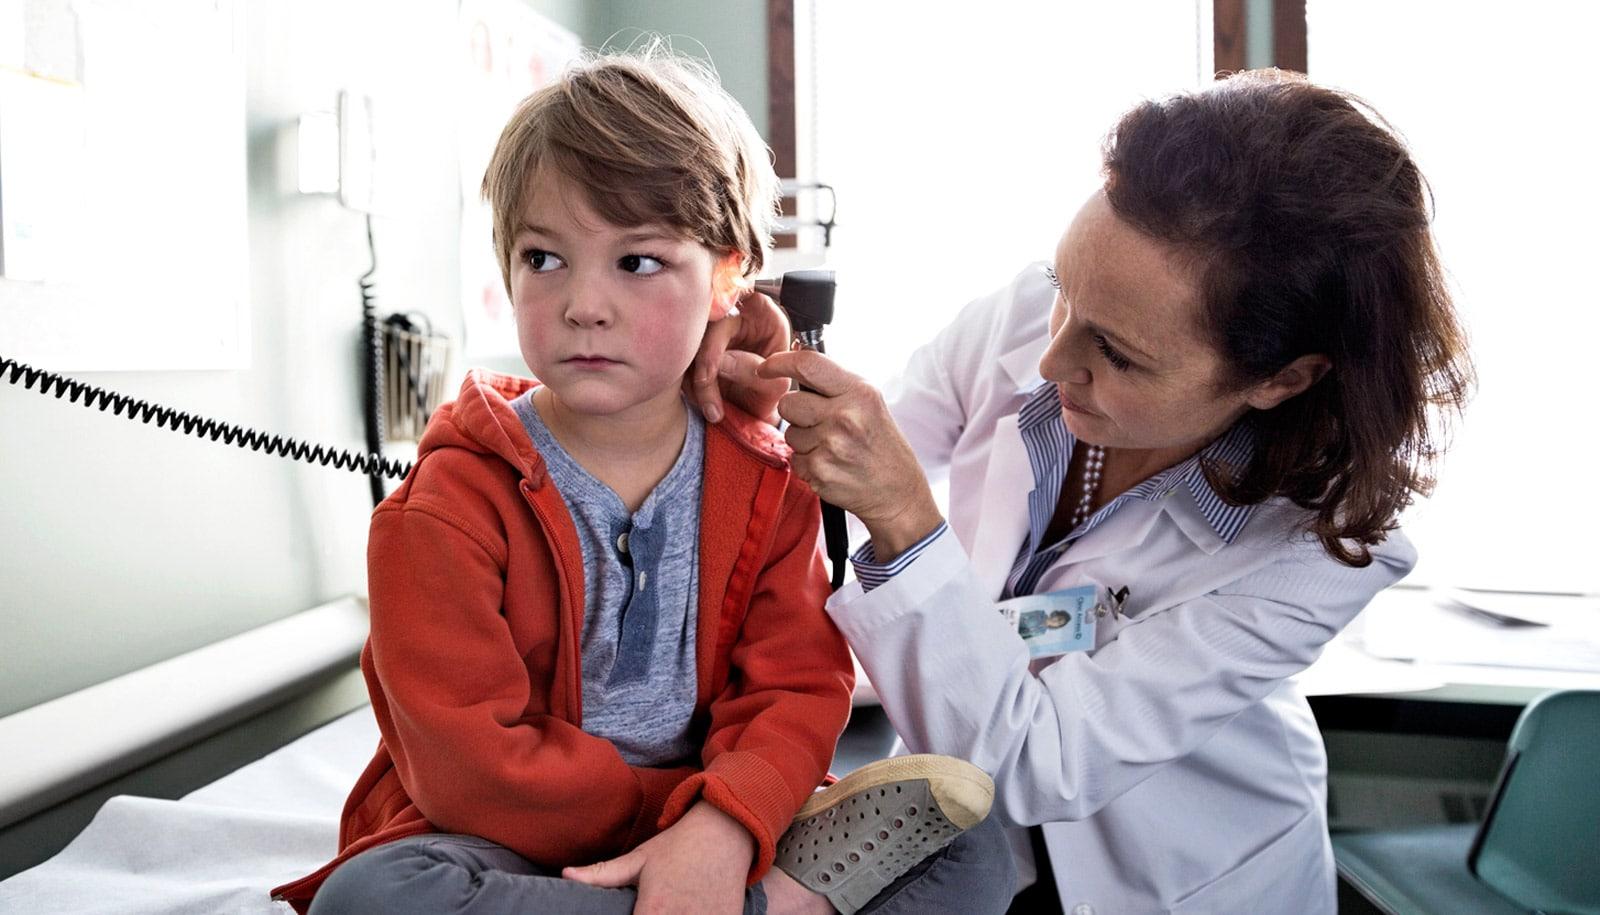 Doctors are prescribing kids more 'off label' meds